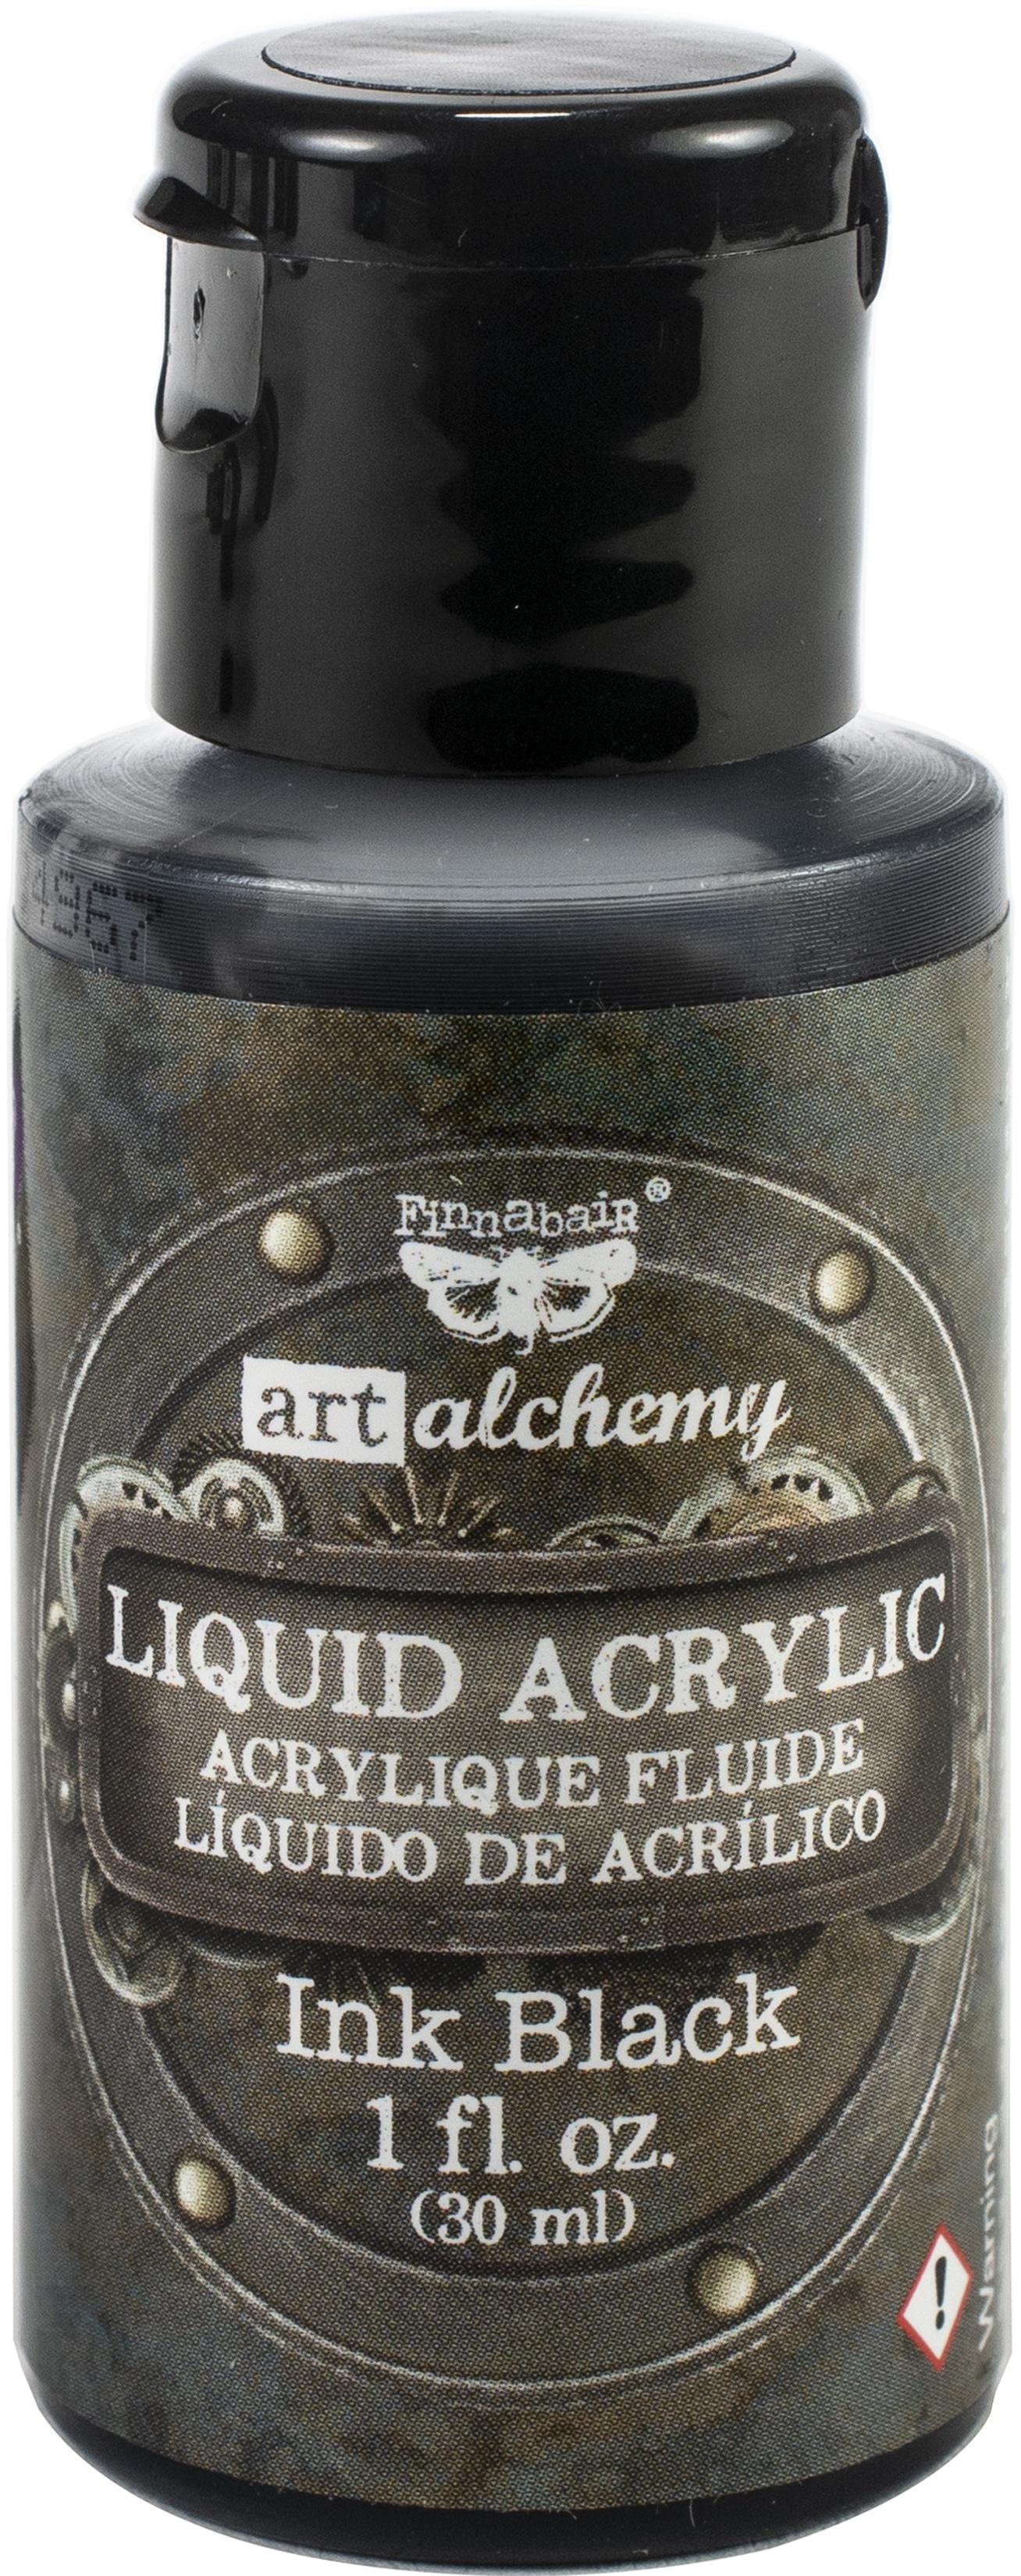 Finnabair Art Alchemy Liquid Acrylic Paint 1 Fluid Ounce-Ink Black